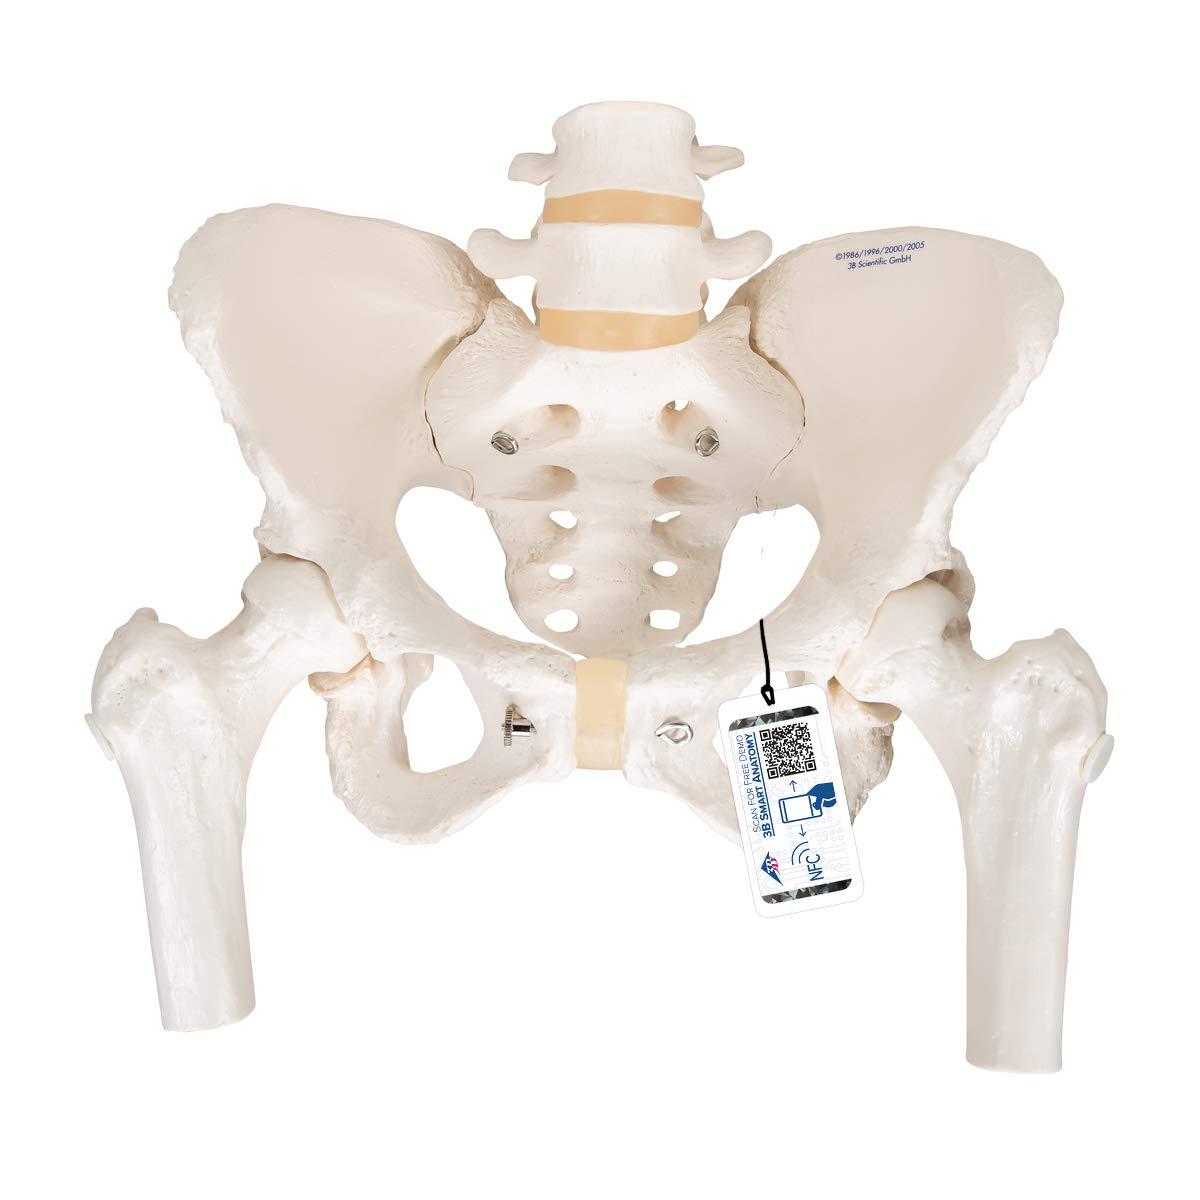 3B Scientific  A62 Modelo de anatomía humana Esqueleto de la Pelvis, femenino, con cabezas de fémur móviles